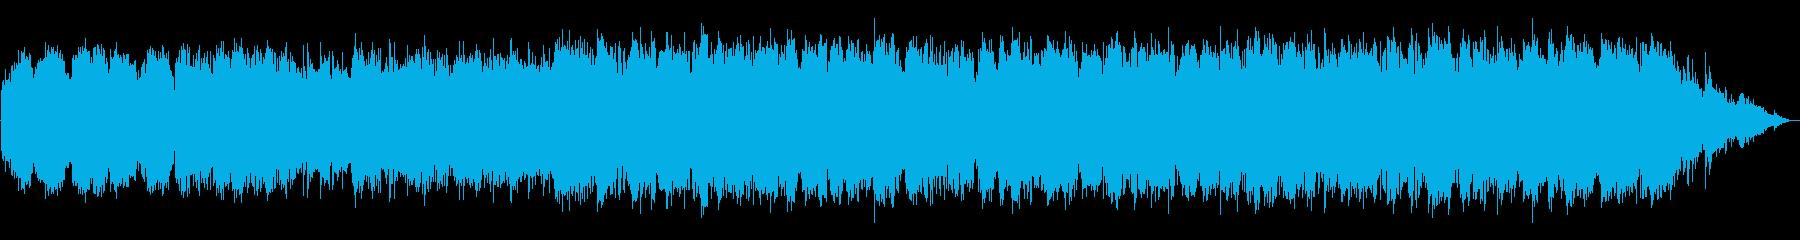 哀愁のある笛のエスニック系BGMの再生済みの波形